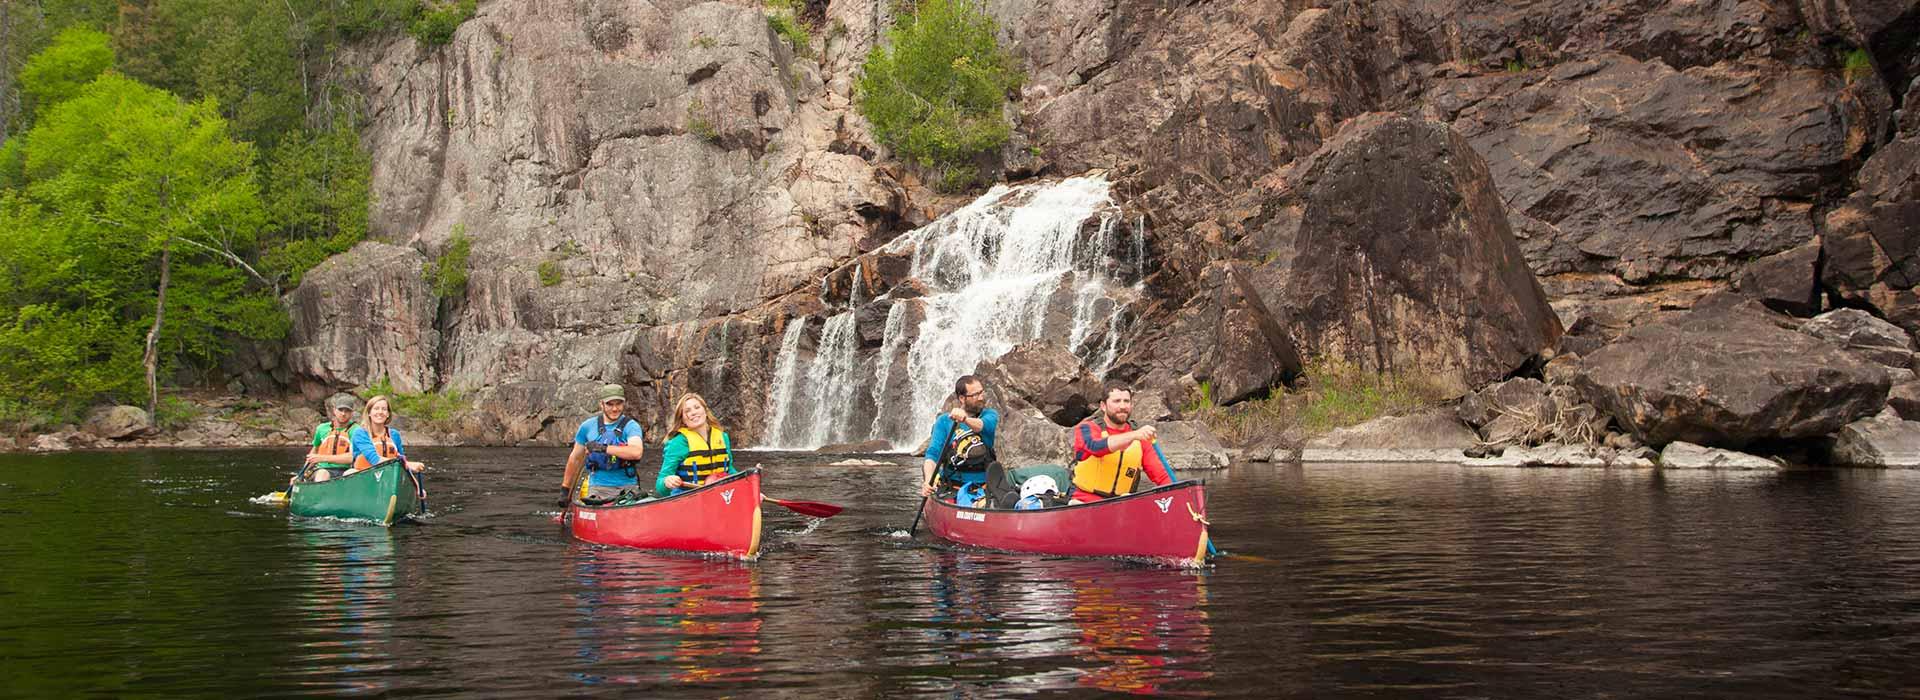 canoeing-algoma